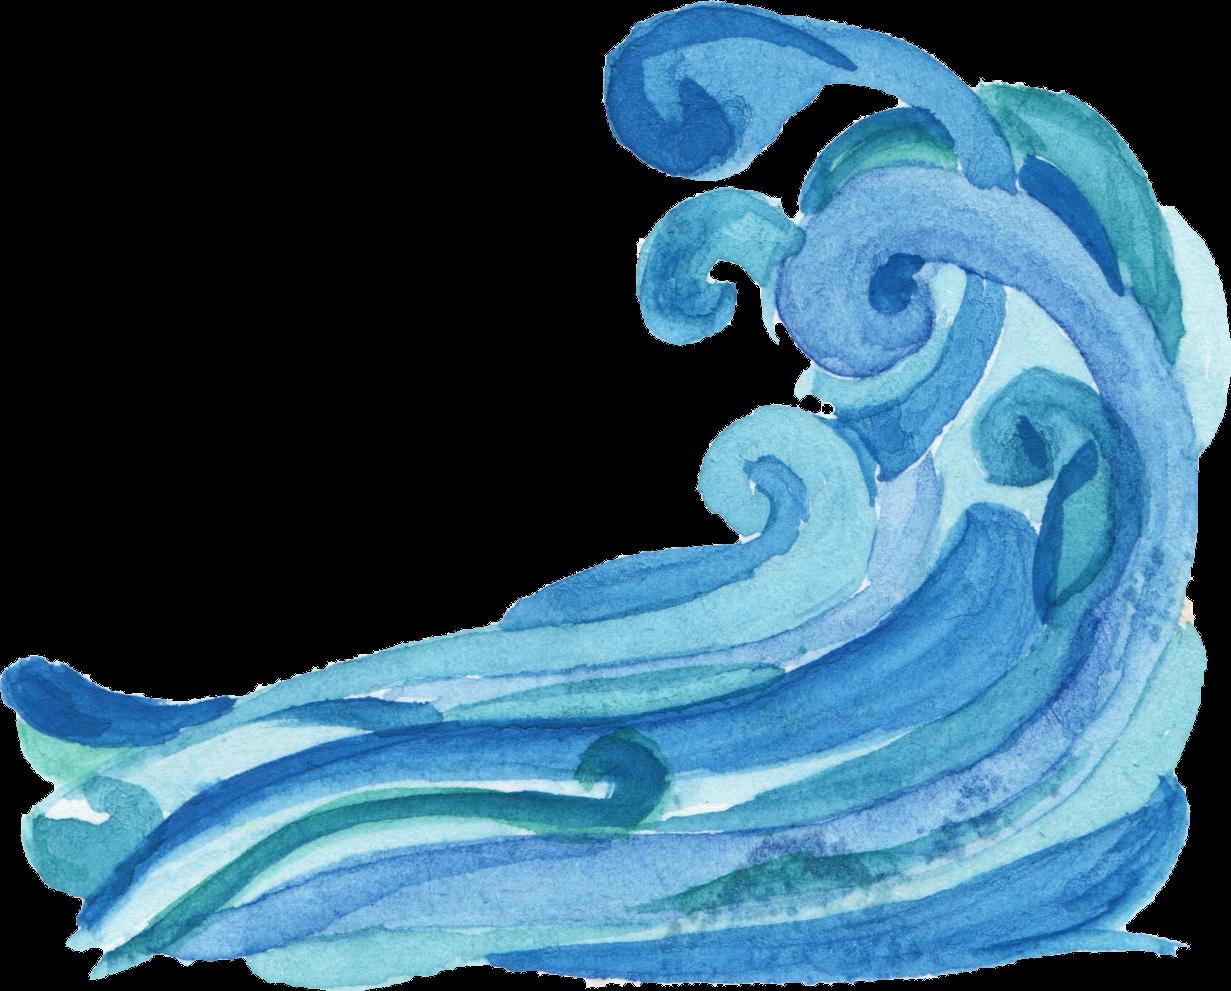 6 Watercolor Ocean Wave PNG Transparent